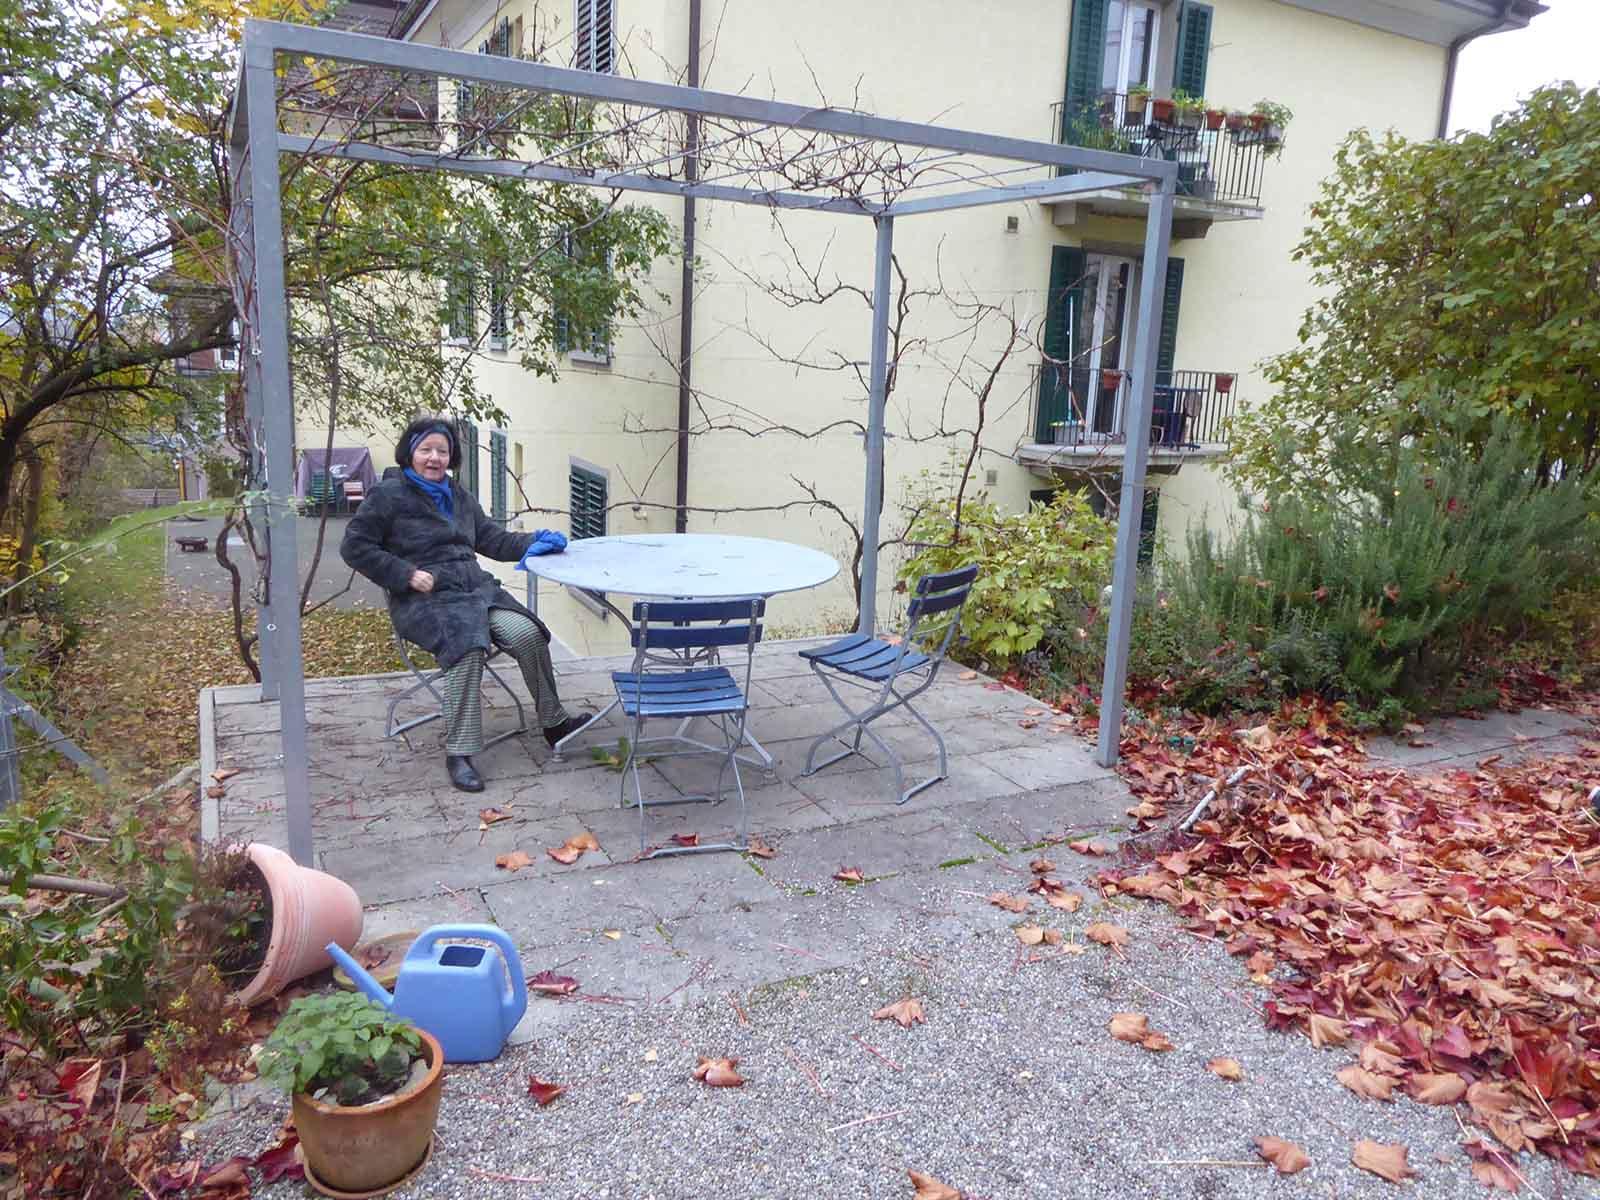 Alles, was Wipkingen so attraktiv macht, ist durch den Rosengarten-Tunnel bedroht: Das beruhigte Quartier, der belebte Röschibachplatz und die lauschigen Gärten. Die Schriftstellerin Isolde Schaad, die an der Scheffelstrasse in einer selbst gegründeten Genossenschaft wohnt, findet es verwerflich, Wipkingen mit so einem Auto-Projekt zu zerstören.